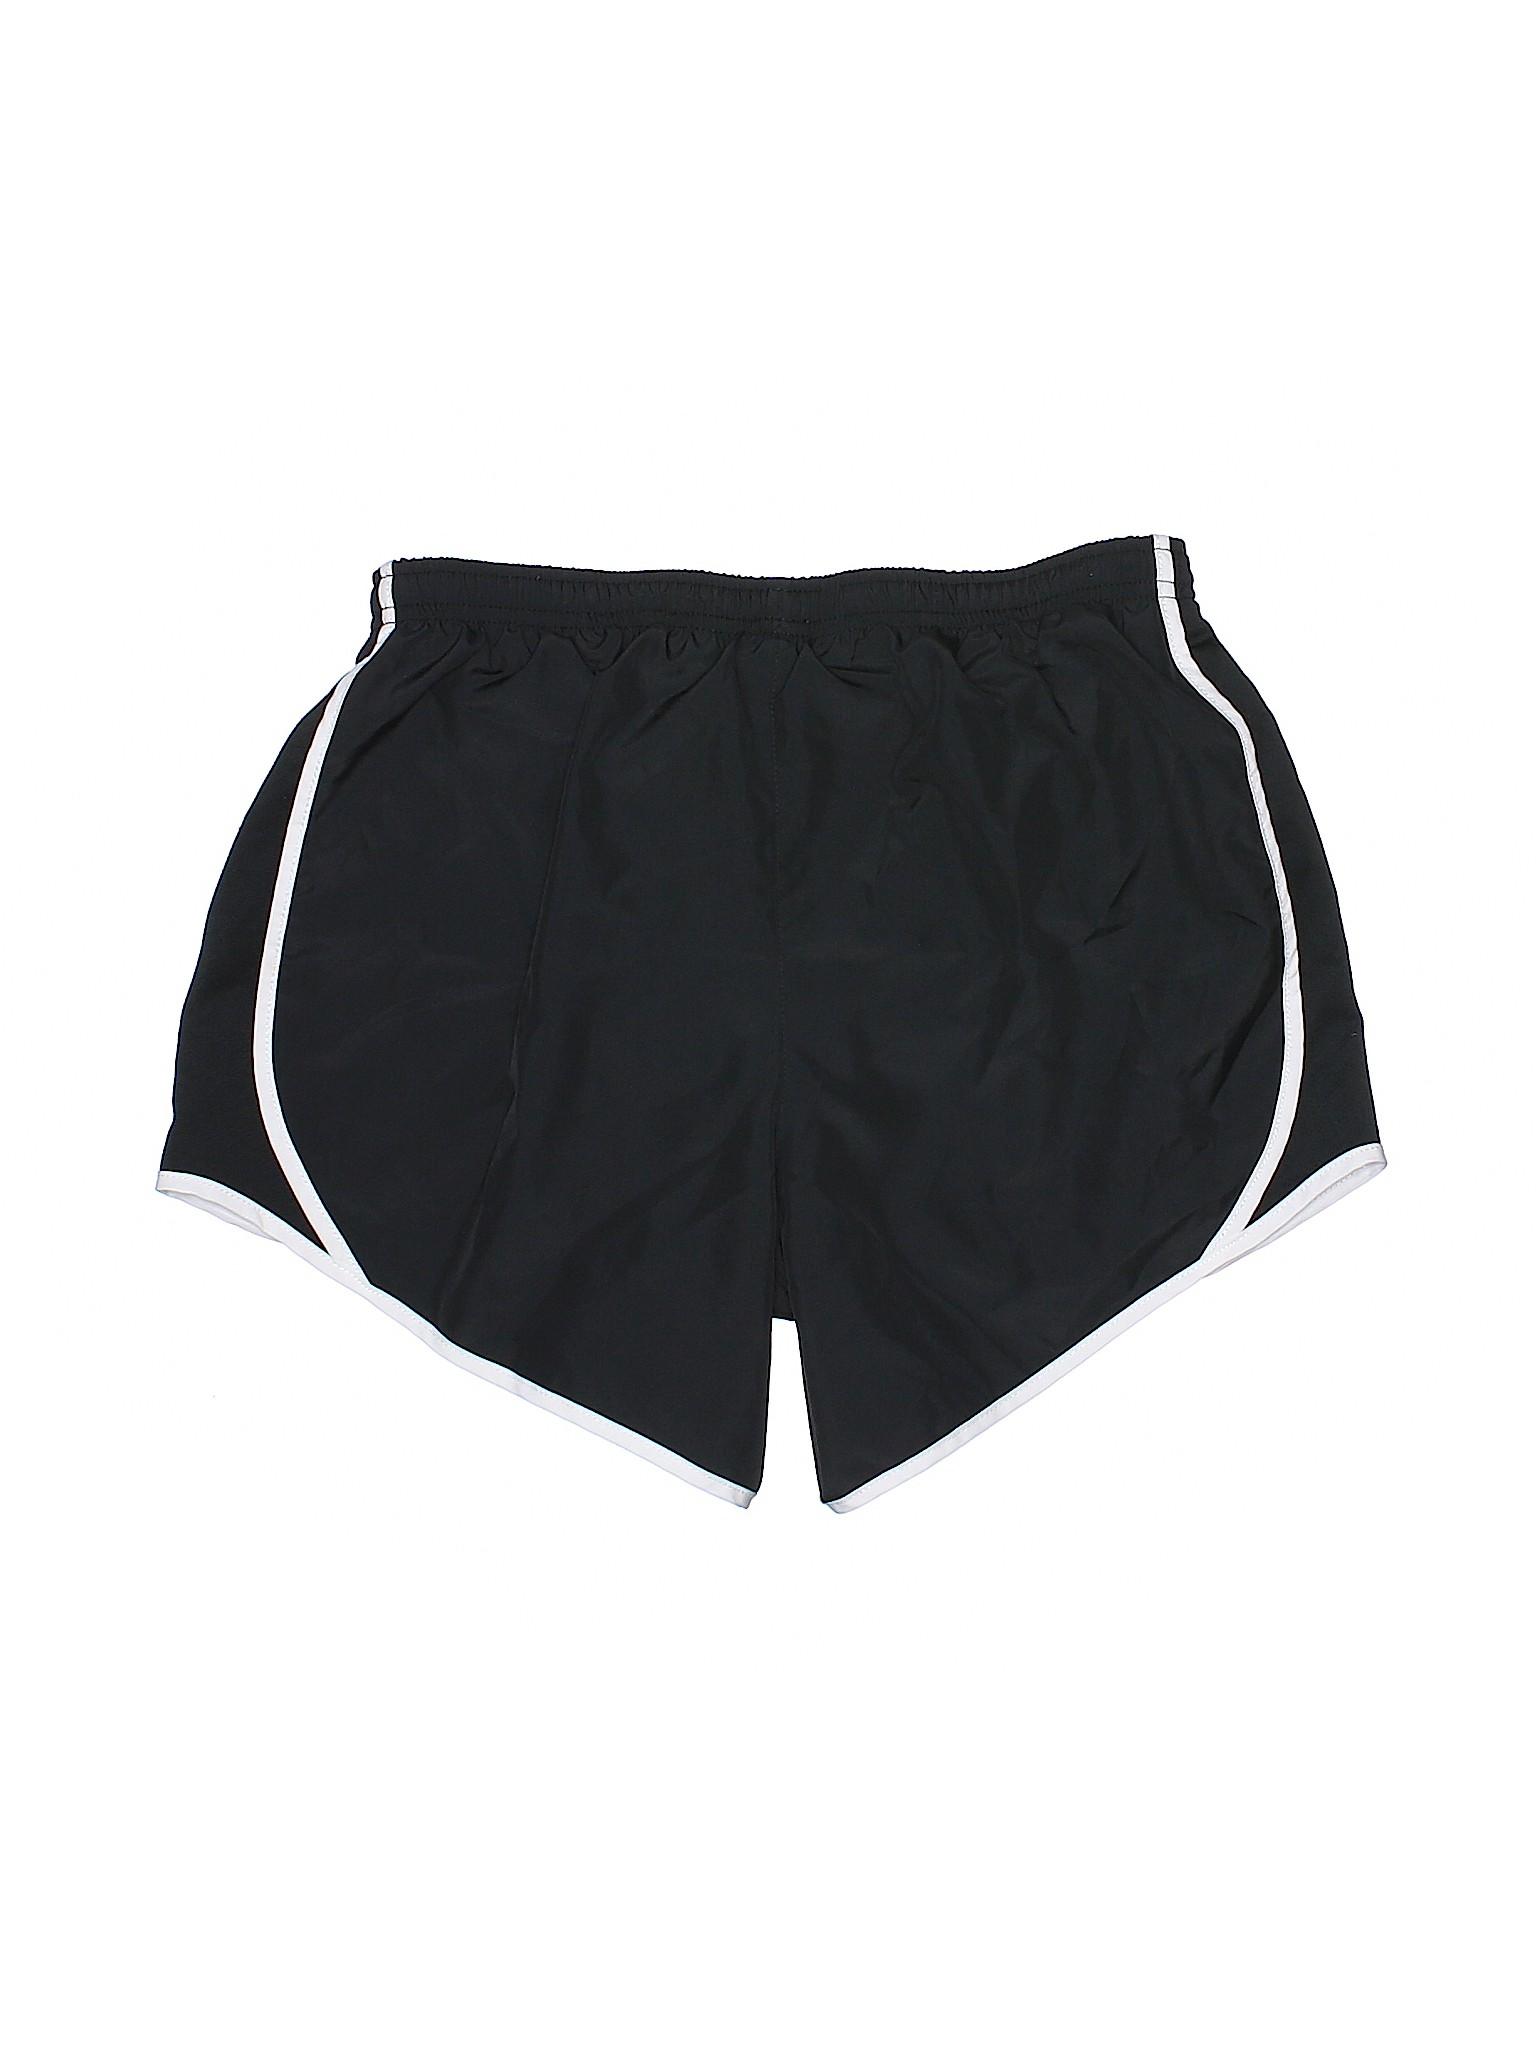 Nike Boutique Shorts Athletic Boutique Nike 0ZxwZUOE